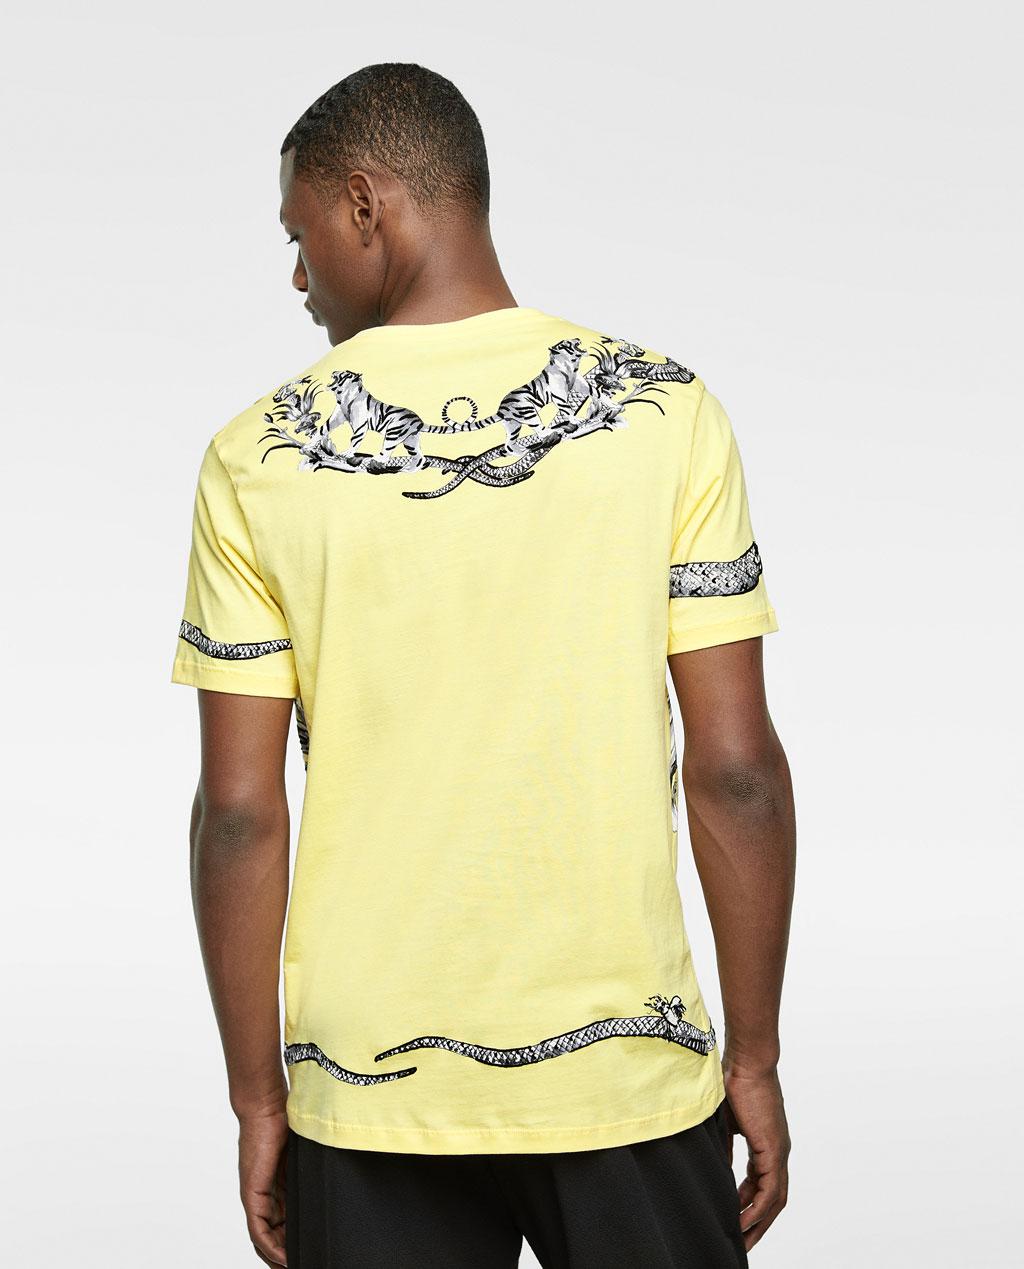 Thời trang nam Zara  23901 - ảnh 5